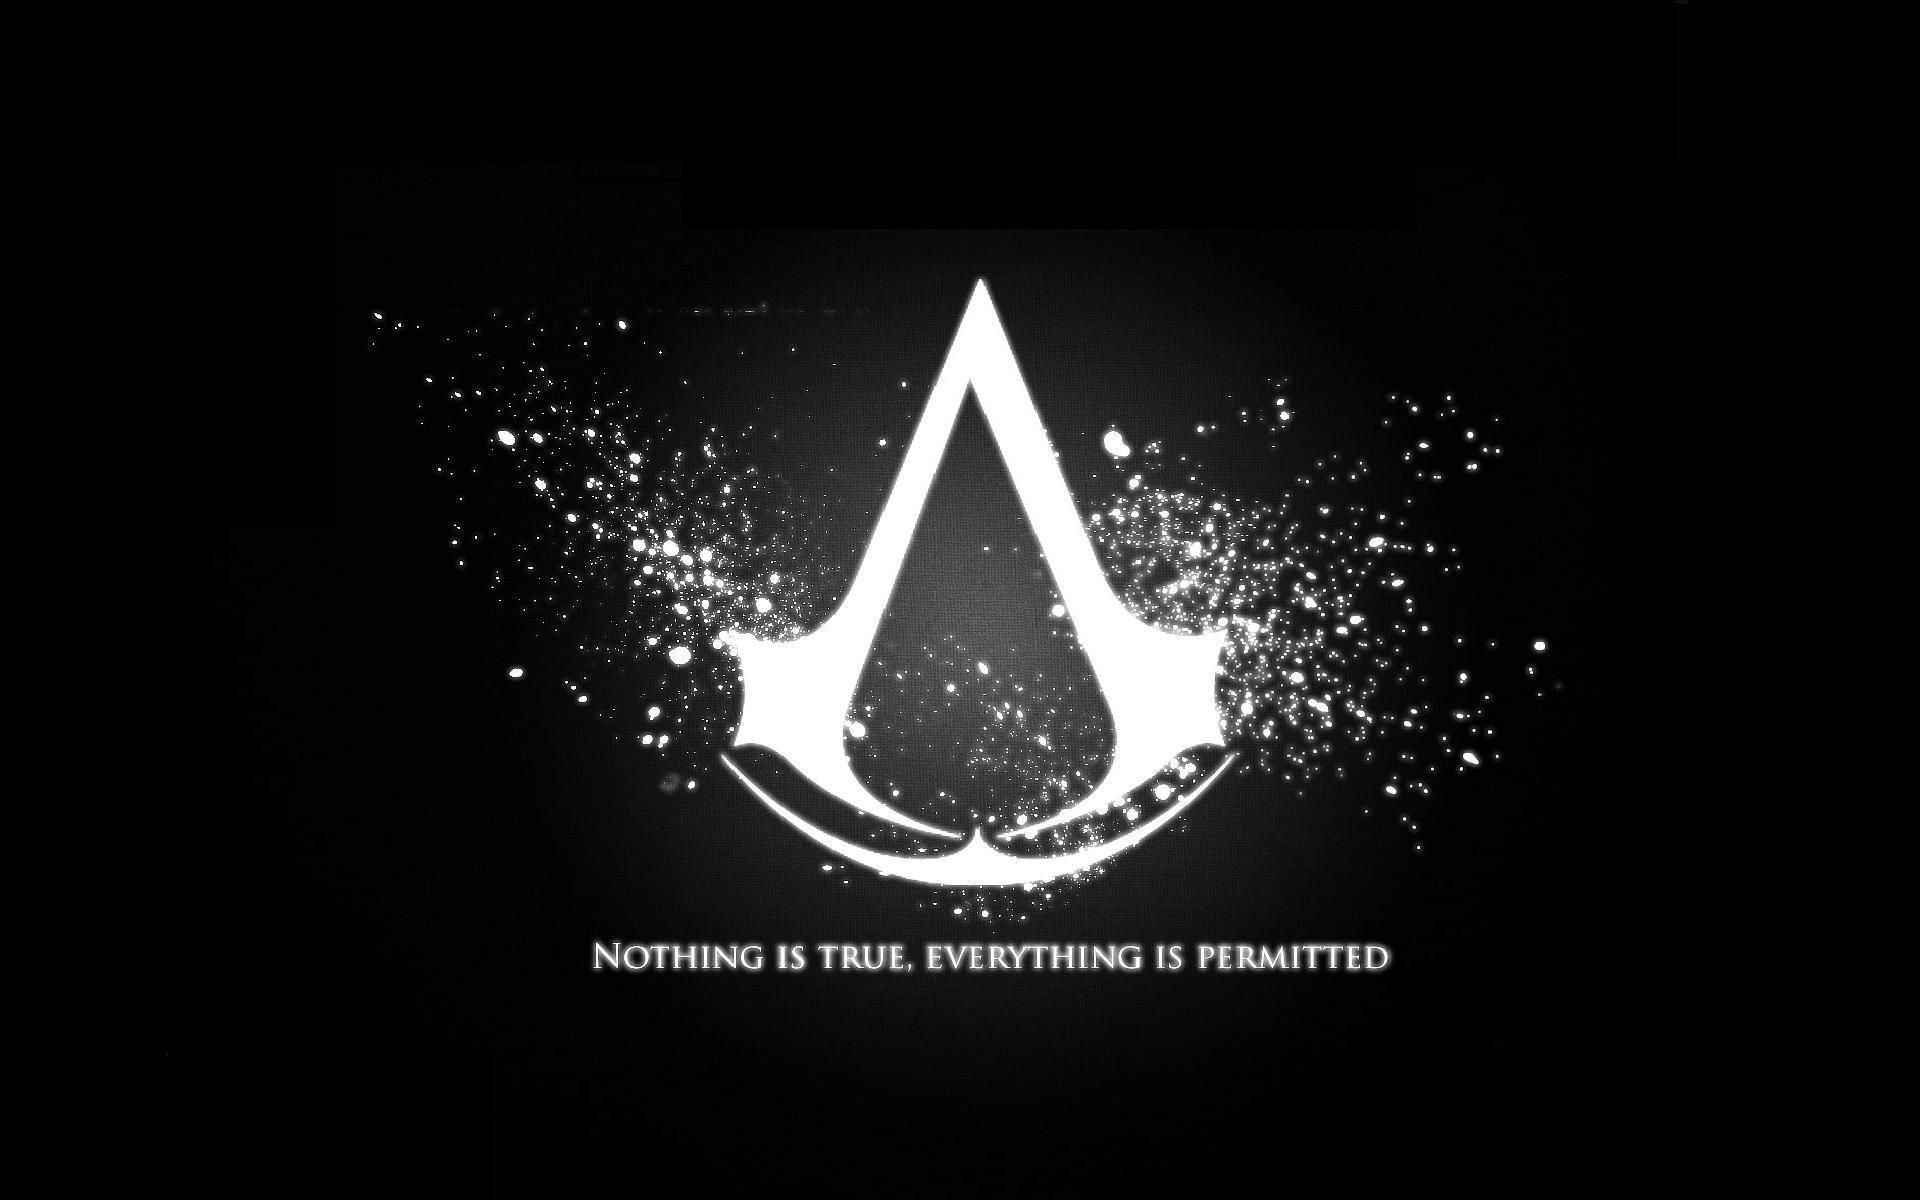 Nada Es Verdad Todo Esta Permitido Assassin S Creed Hd 1080p Wallpaper